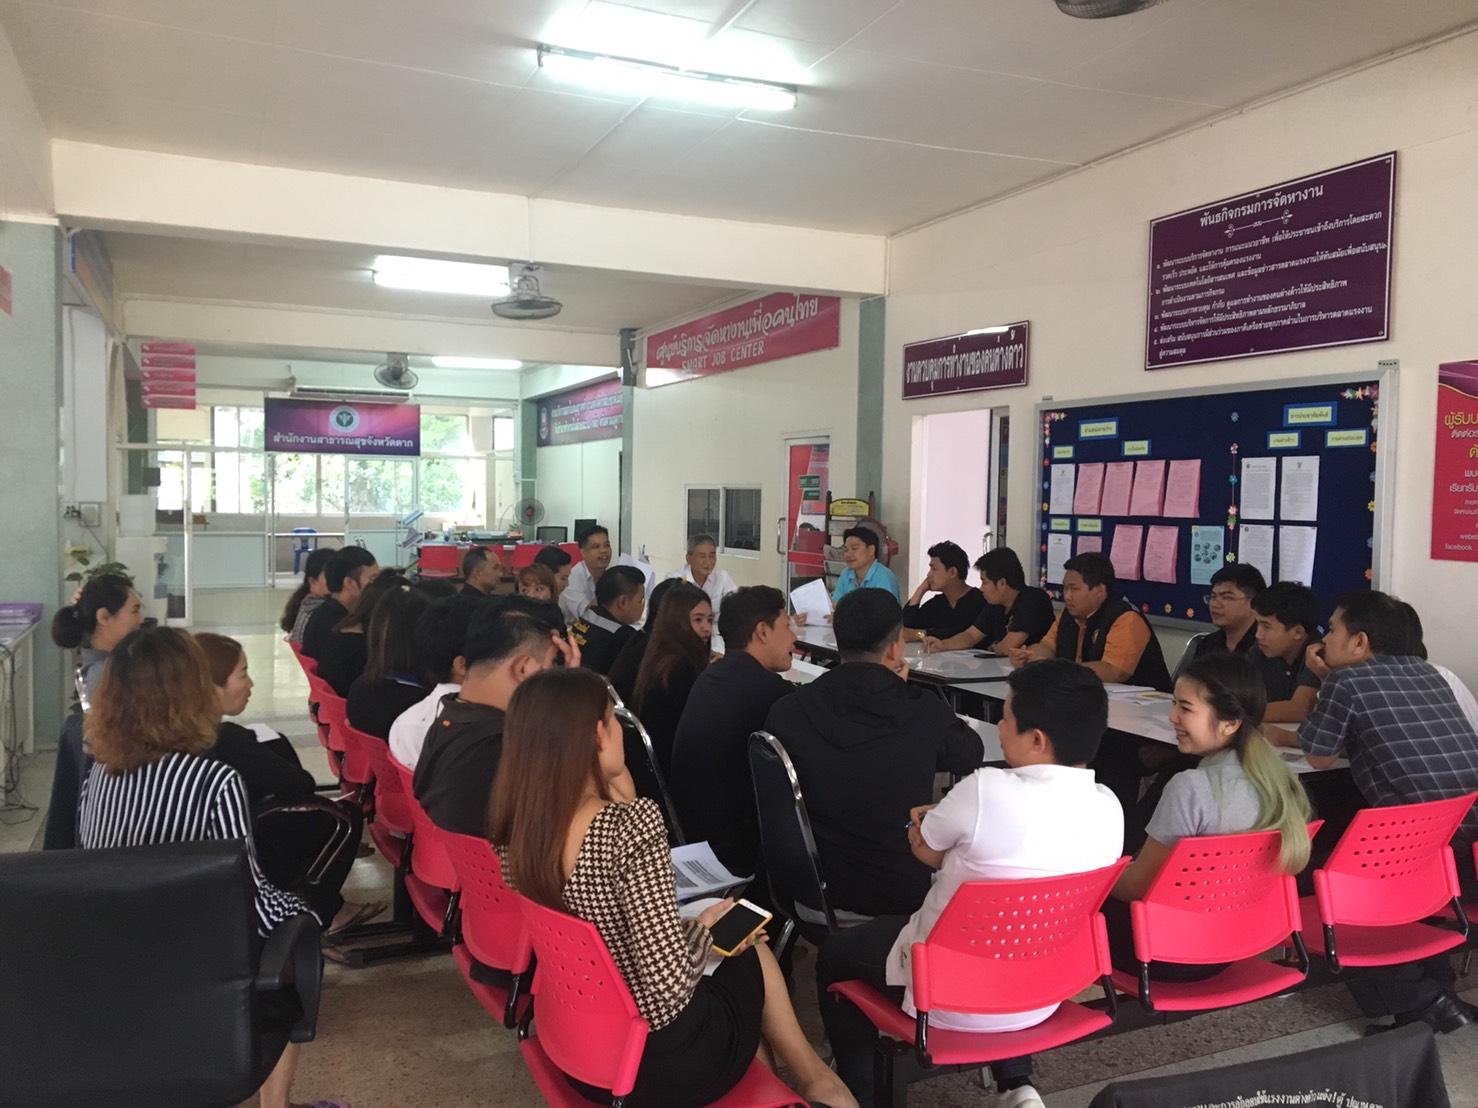 ประชุมซักซ้อมขั้นตอนการรับแจ้งการทำงานของคนต่างด้าว ณ ศูนย์รับแจ้งการทำงานของคนต่างด้าว